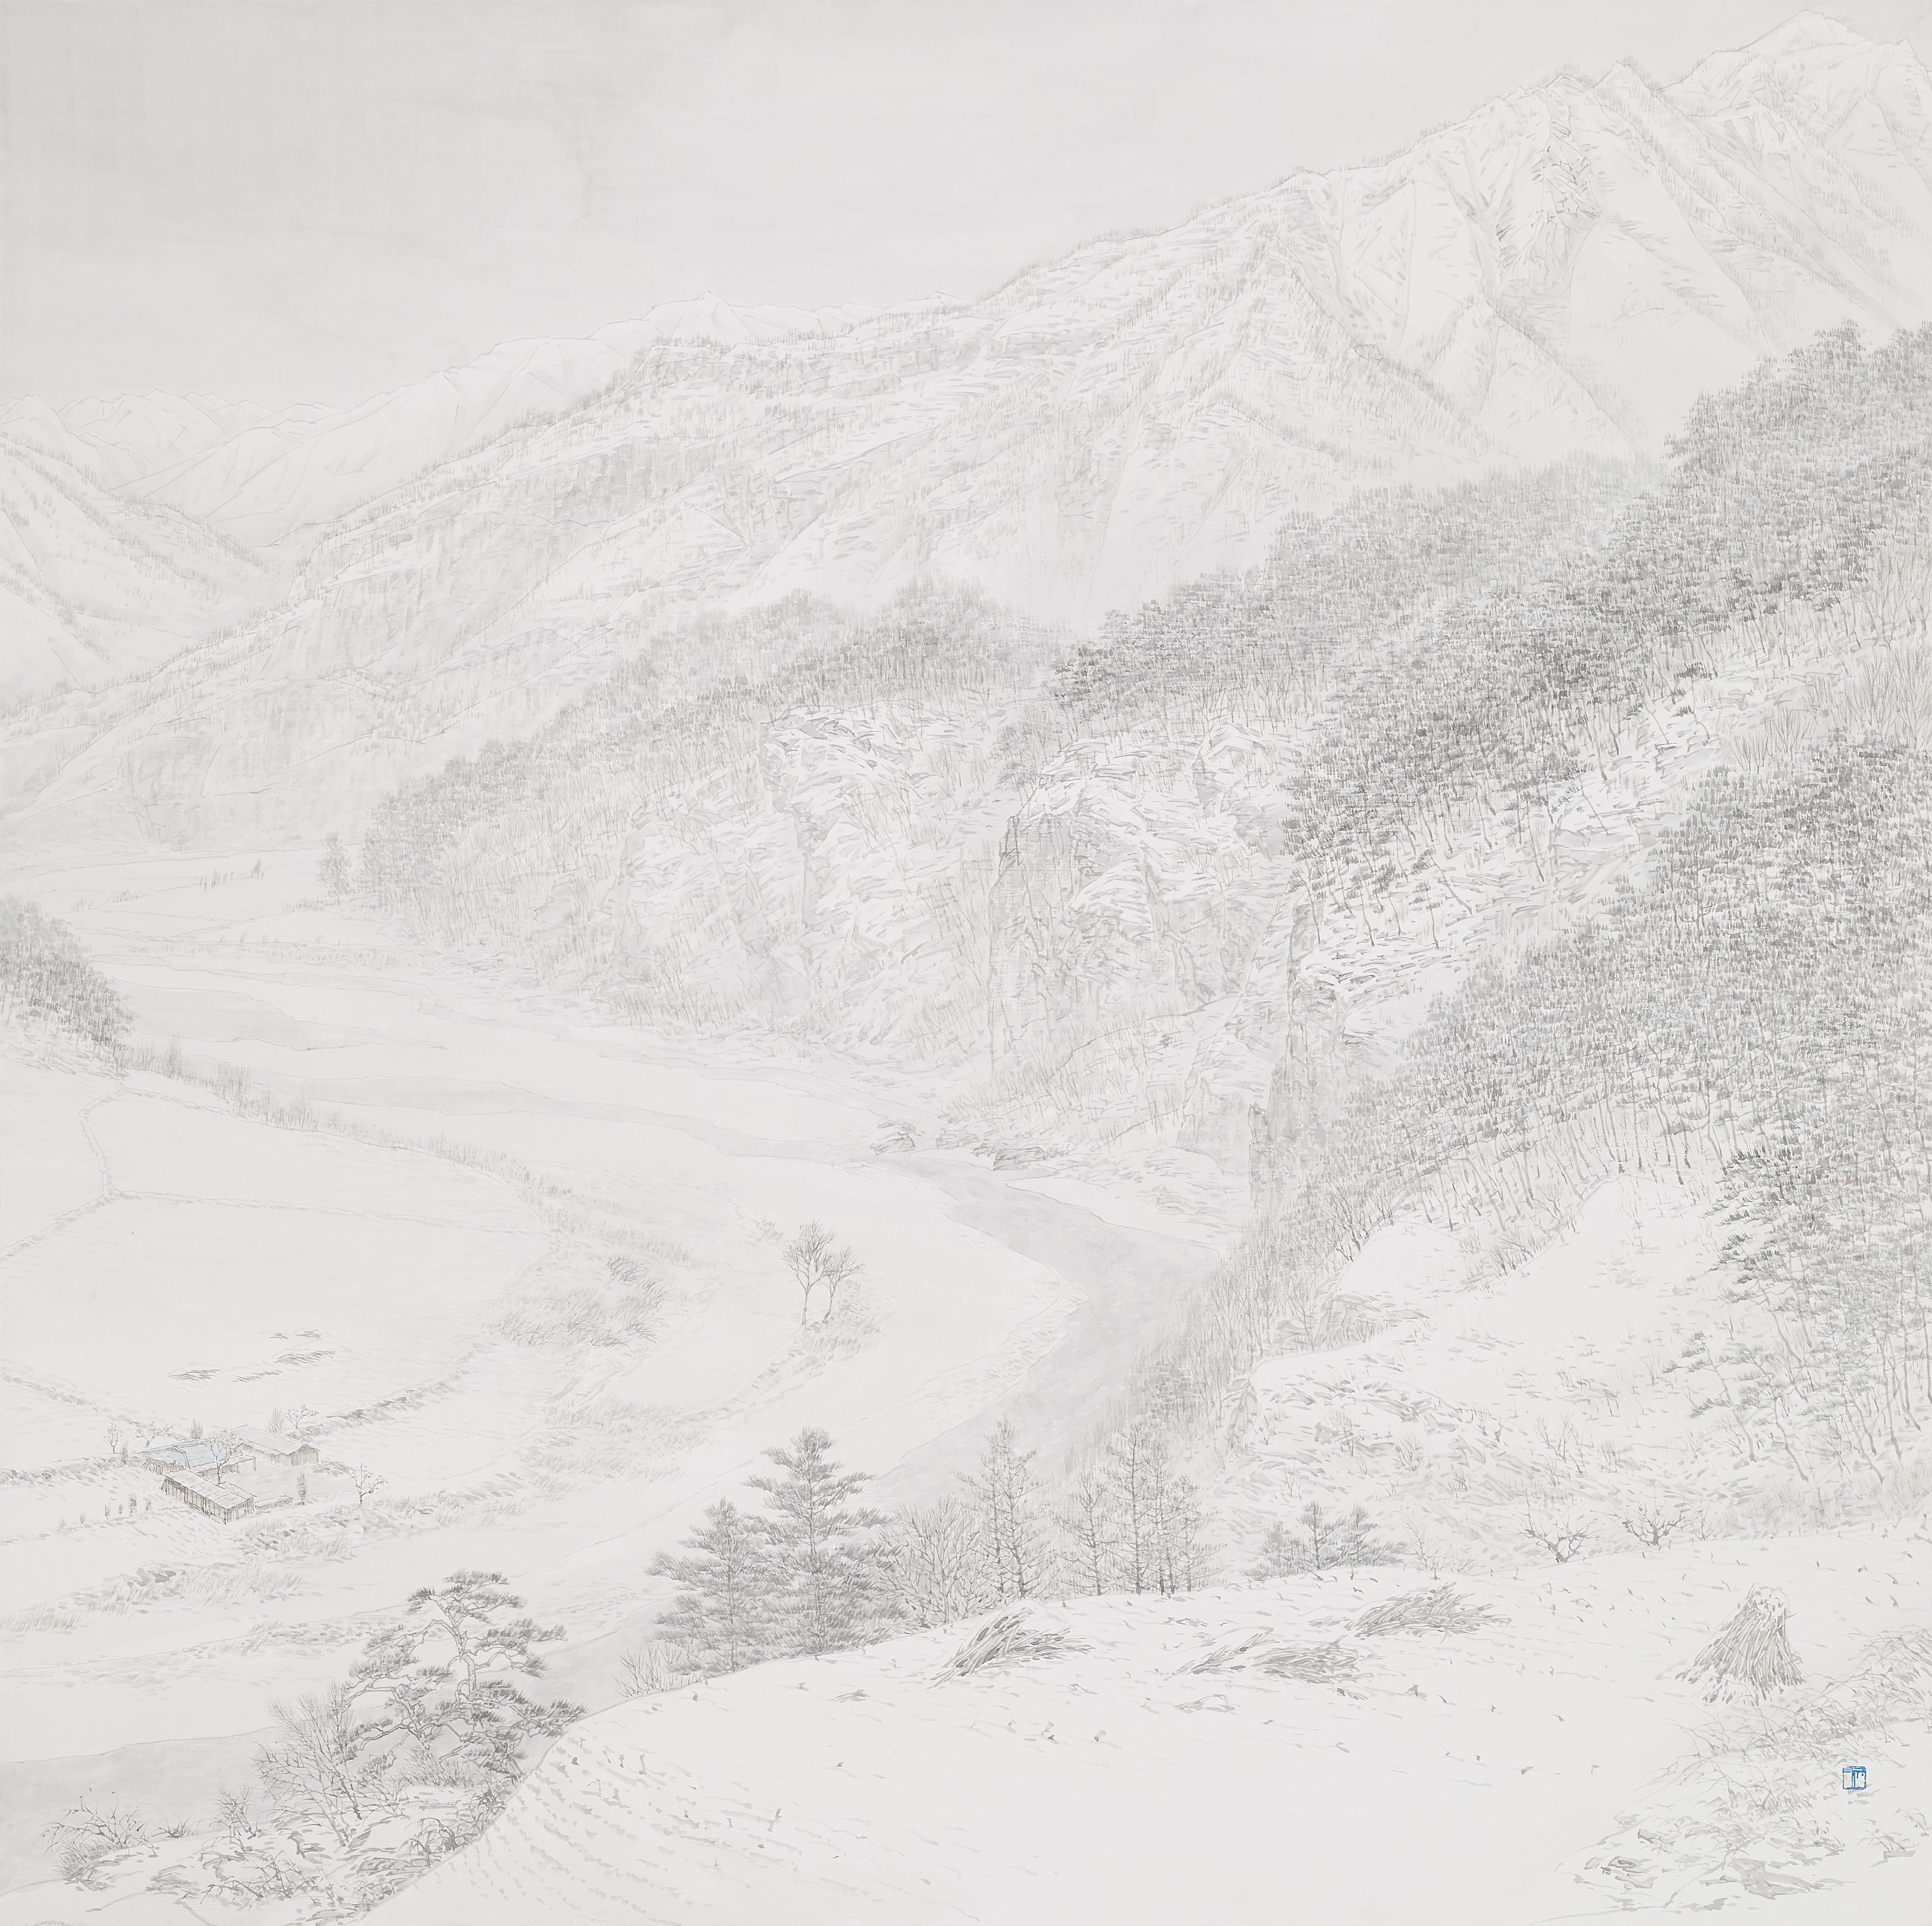 017, 임태규, 흐린풍경-정선, 120 x 120 cm, 한지 위에 백